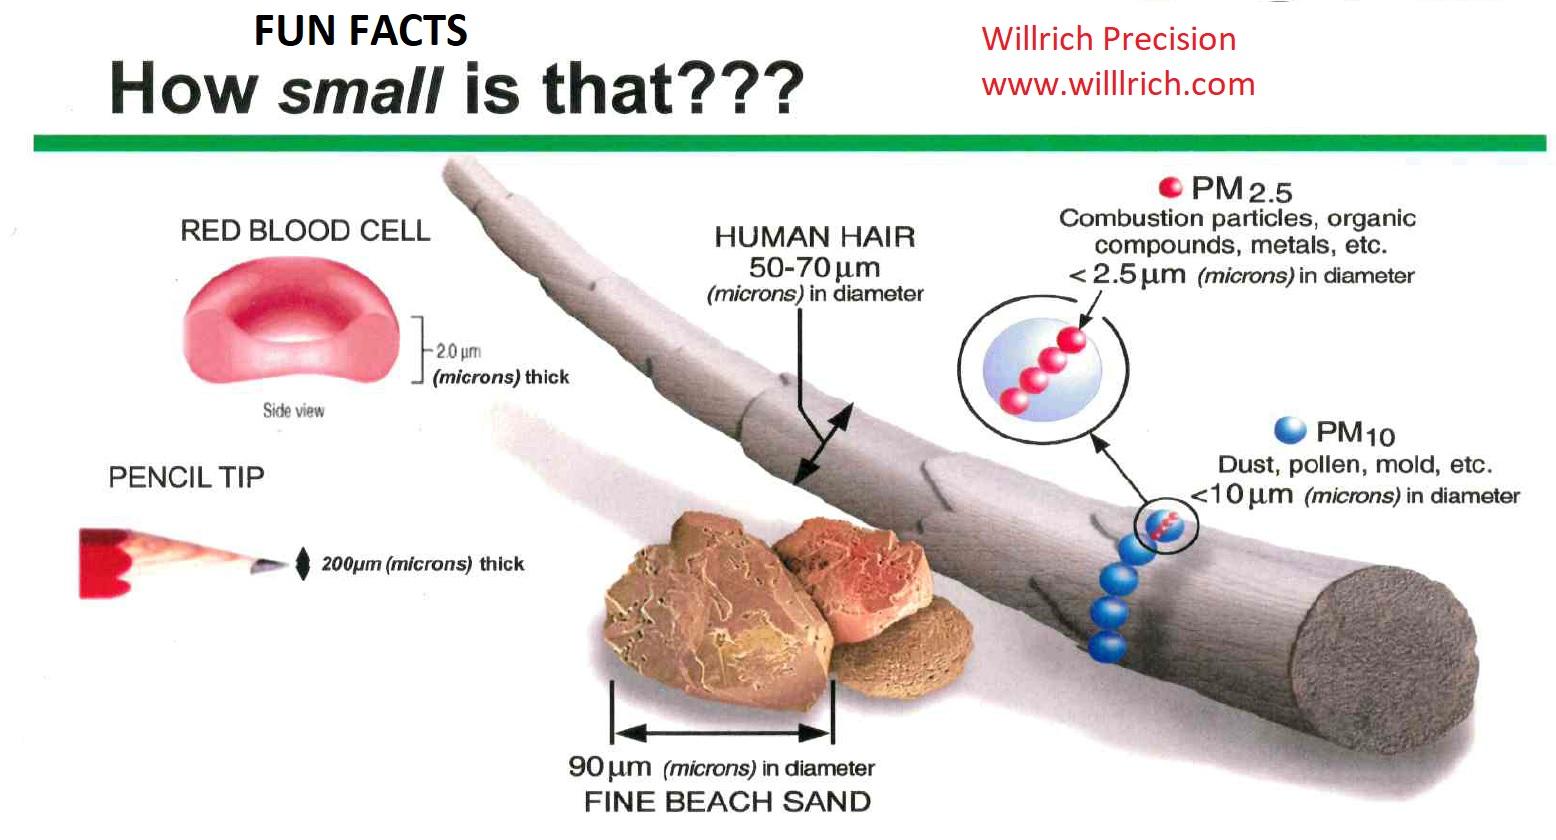 Understanding Millionths of an Inch | Willich Precision